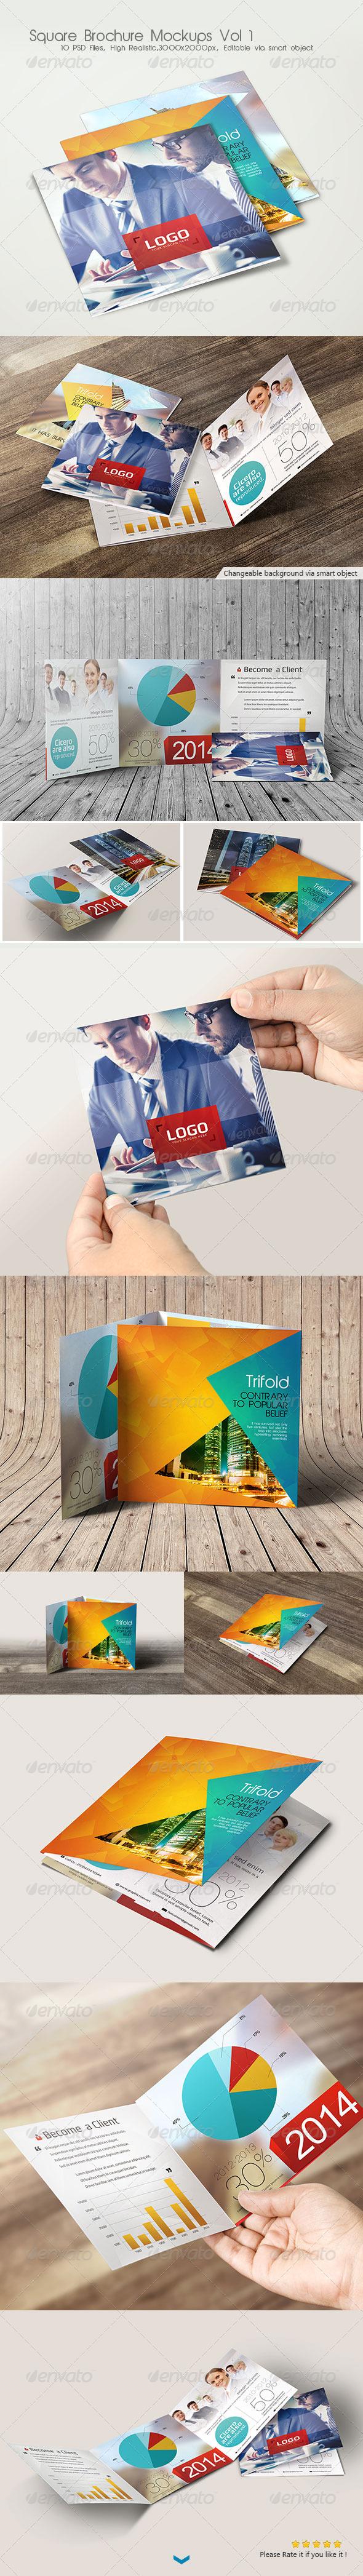 GraphicRiver Square Brochure Mockups Vol 1 6949521